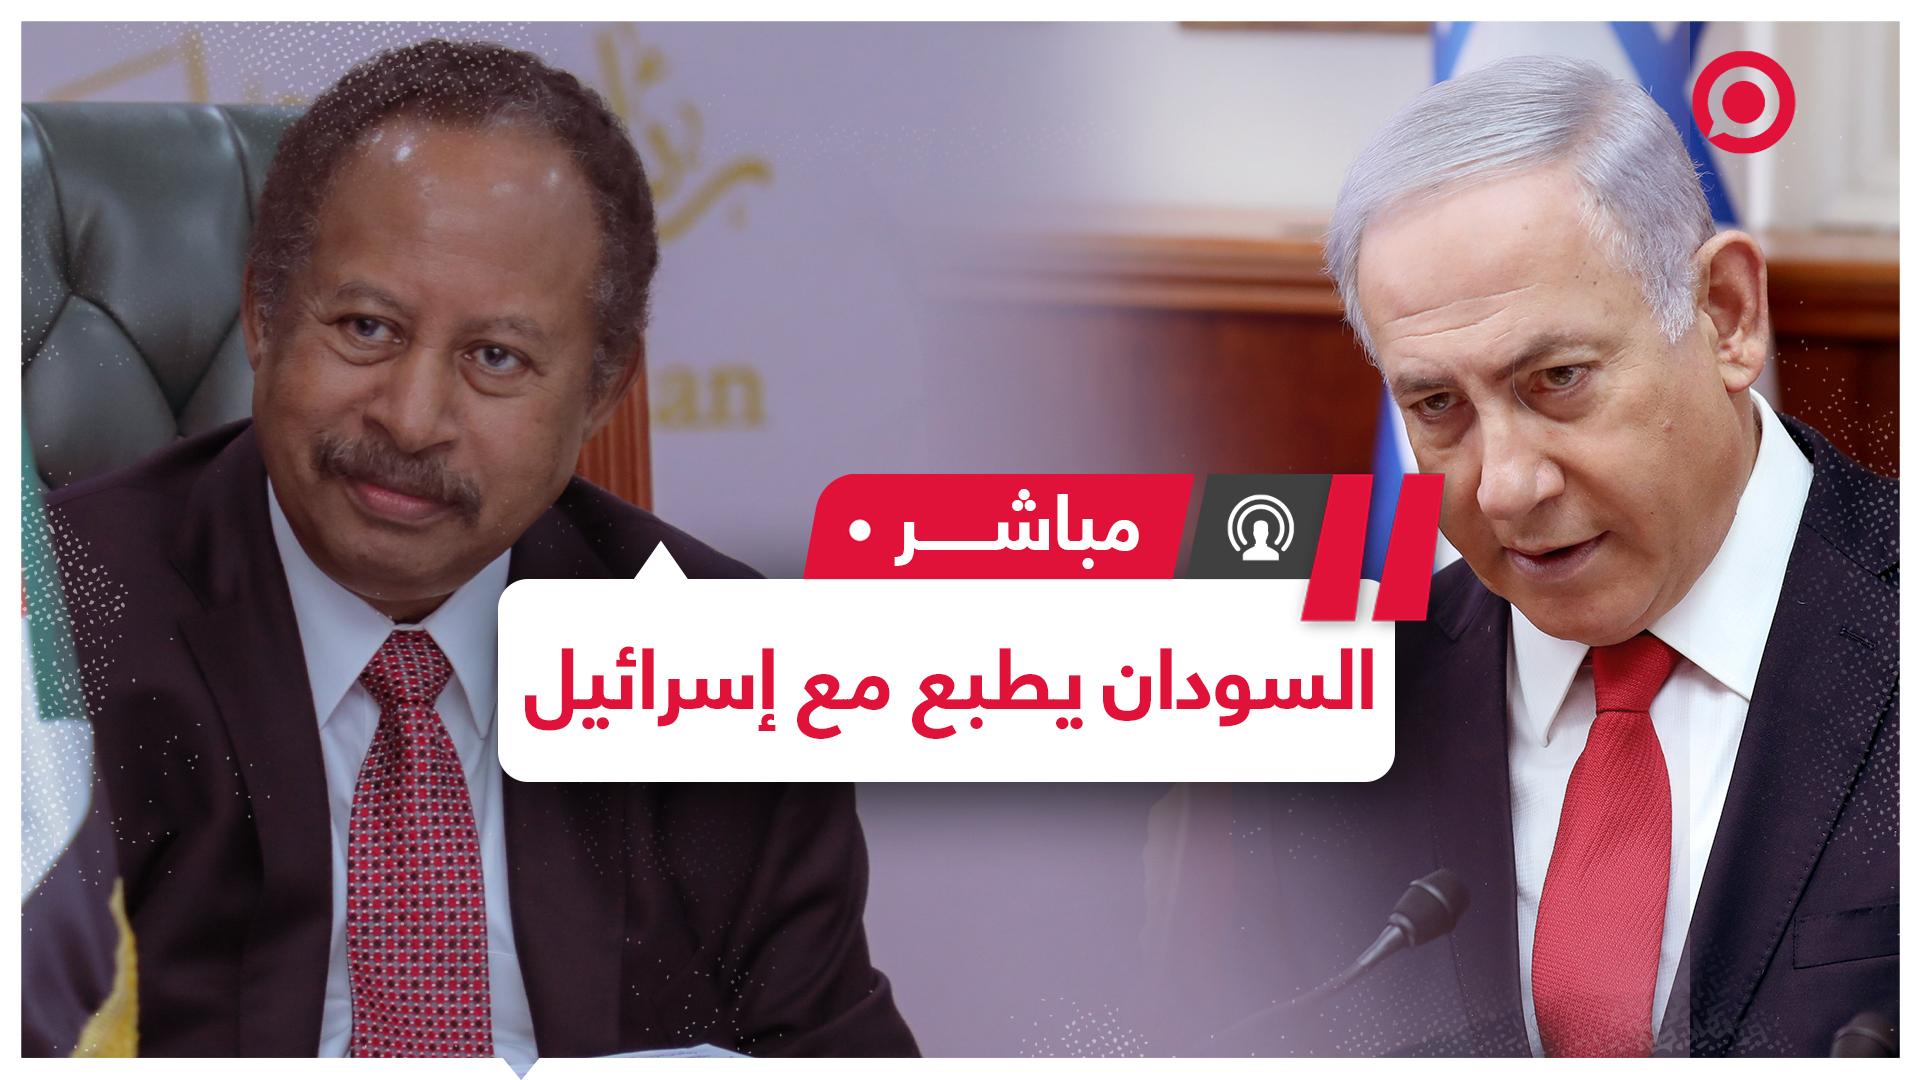 بيان أمريكي سوداني إسرائيلي: الخرطوم وتل أبيب اتفقتا على تطبيع العلاقات بينهما